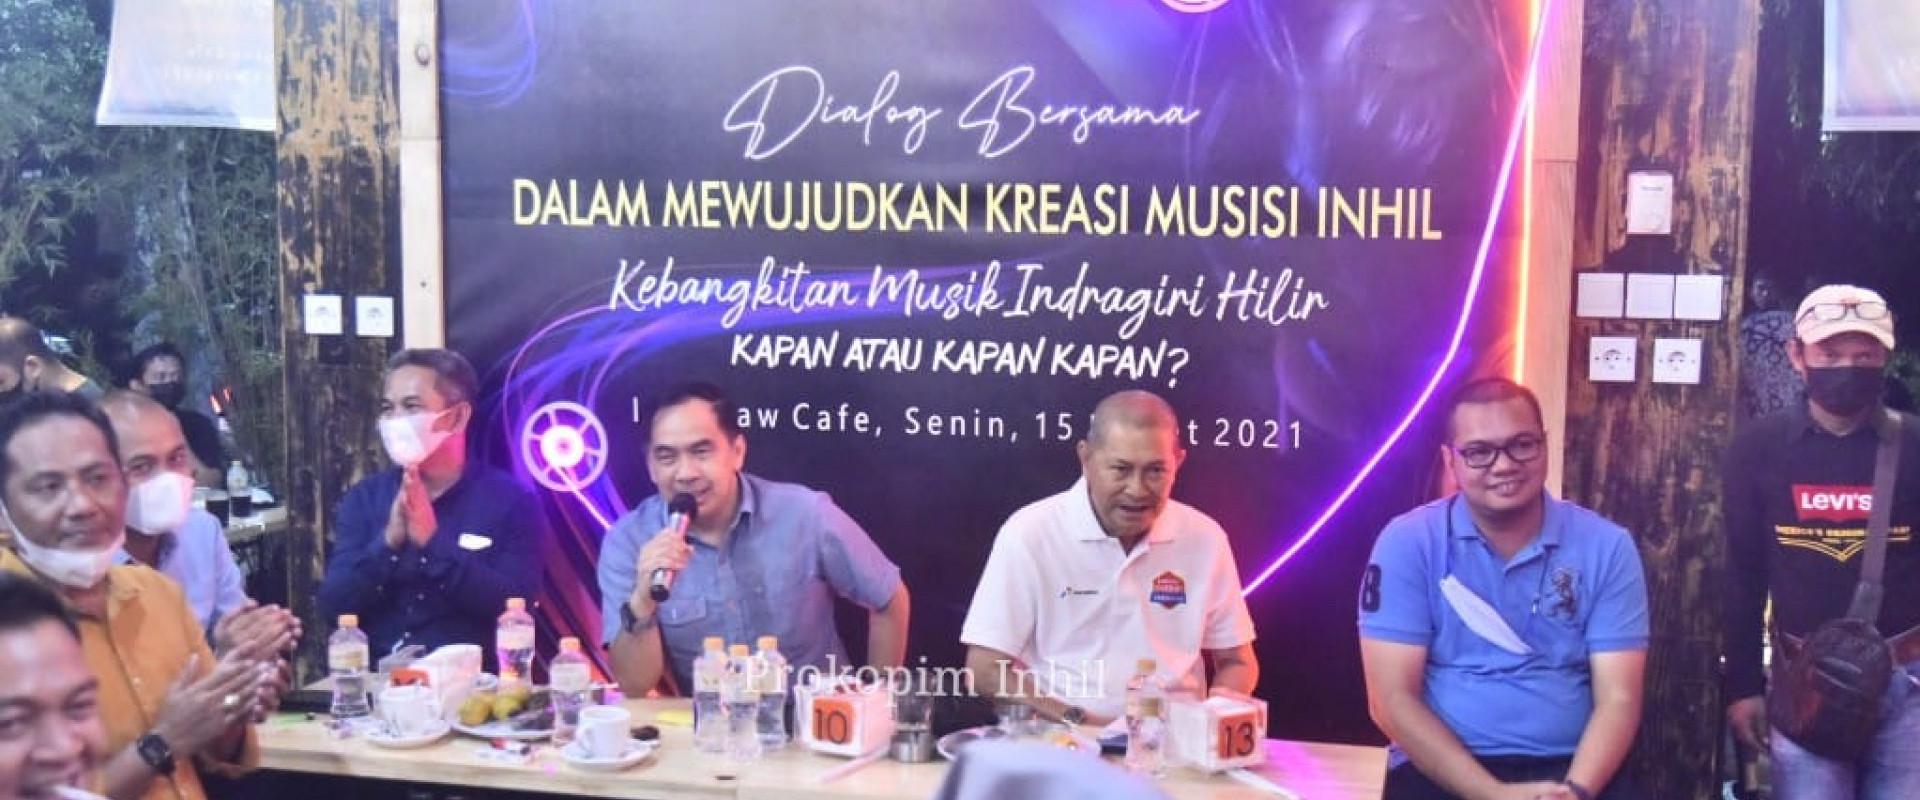 Hadiri acara Dialog bersama kebangkitan musik Inhil, Wabup H.Syamsudin Uti : Bravo! buat anak - anak muda musisi Inhil